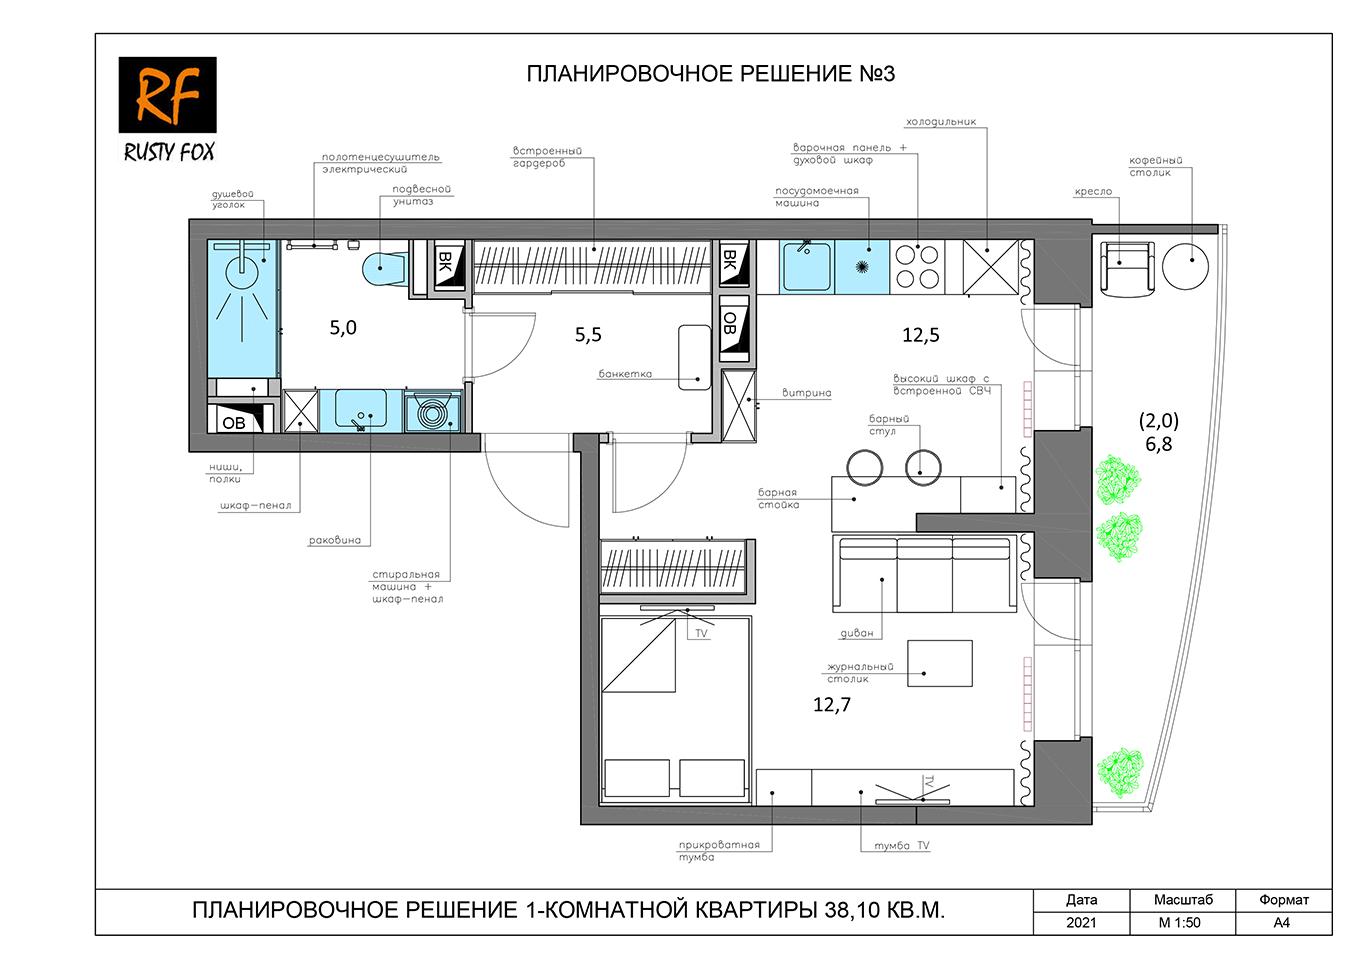 ЖК Люберцы корпус 54. Планировочное решение №3 1-комнатная квартира правая 38,10 кв.м.